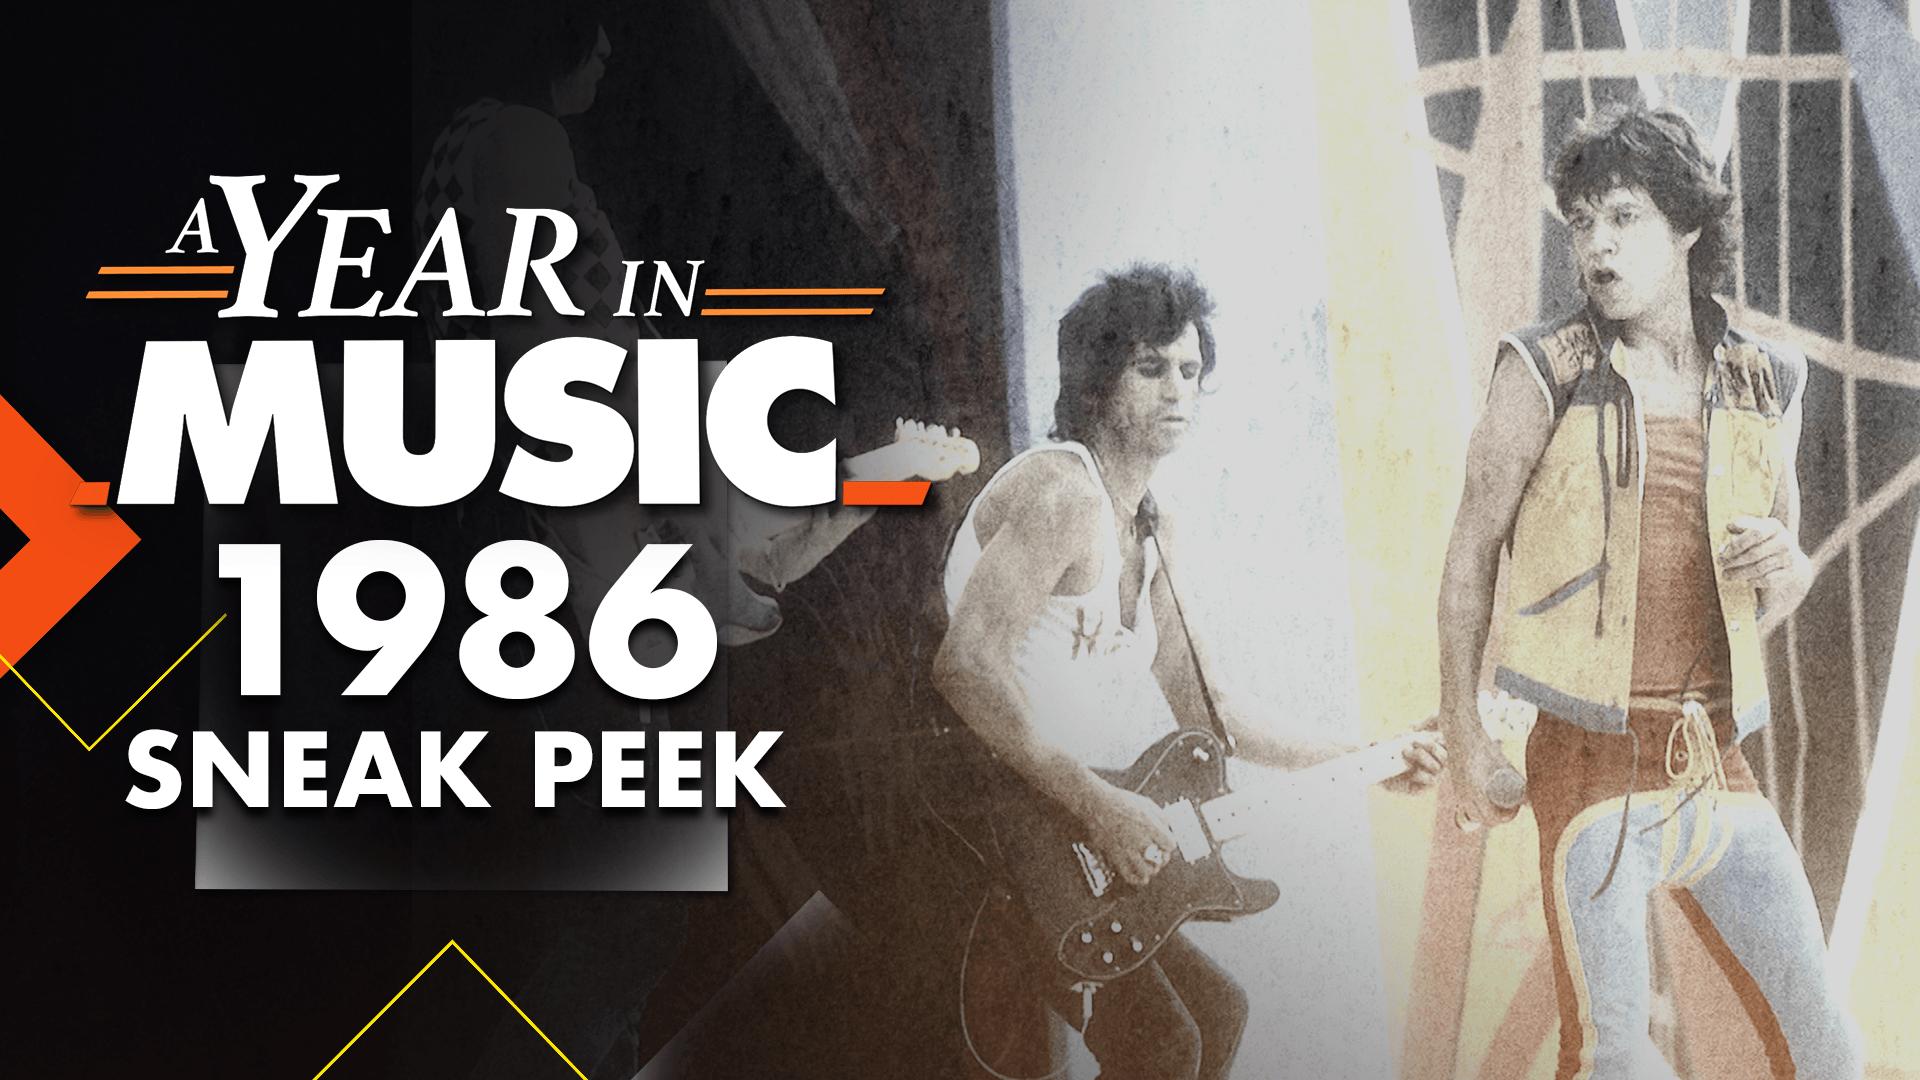 A Year in Music: 1986 Sneak Peek